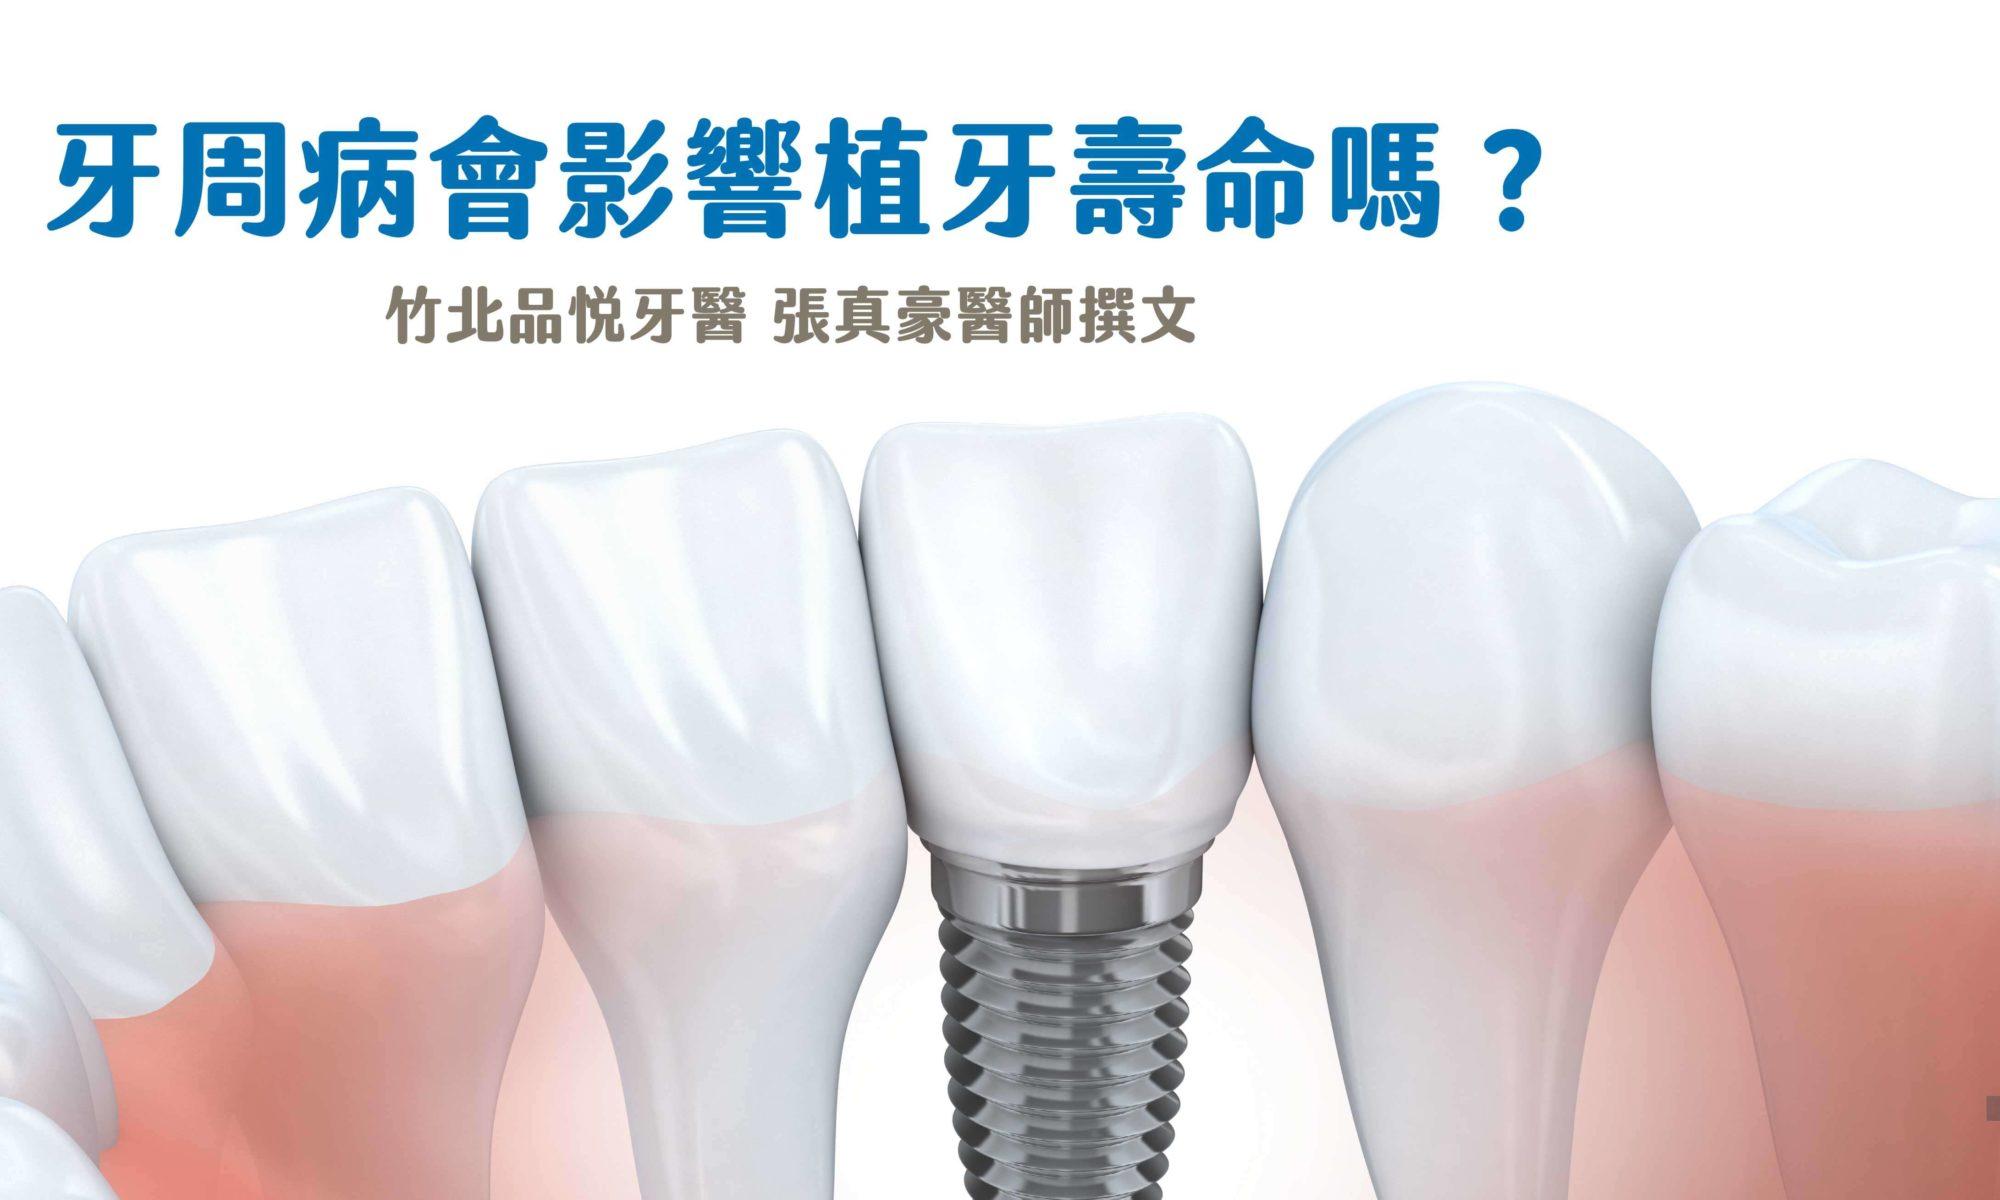 牙周病會影響植牙壽命嗎封面圖